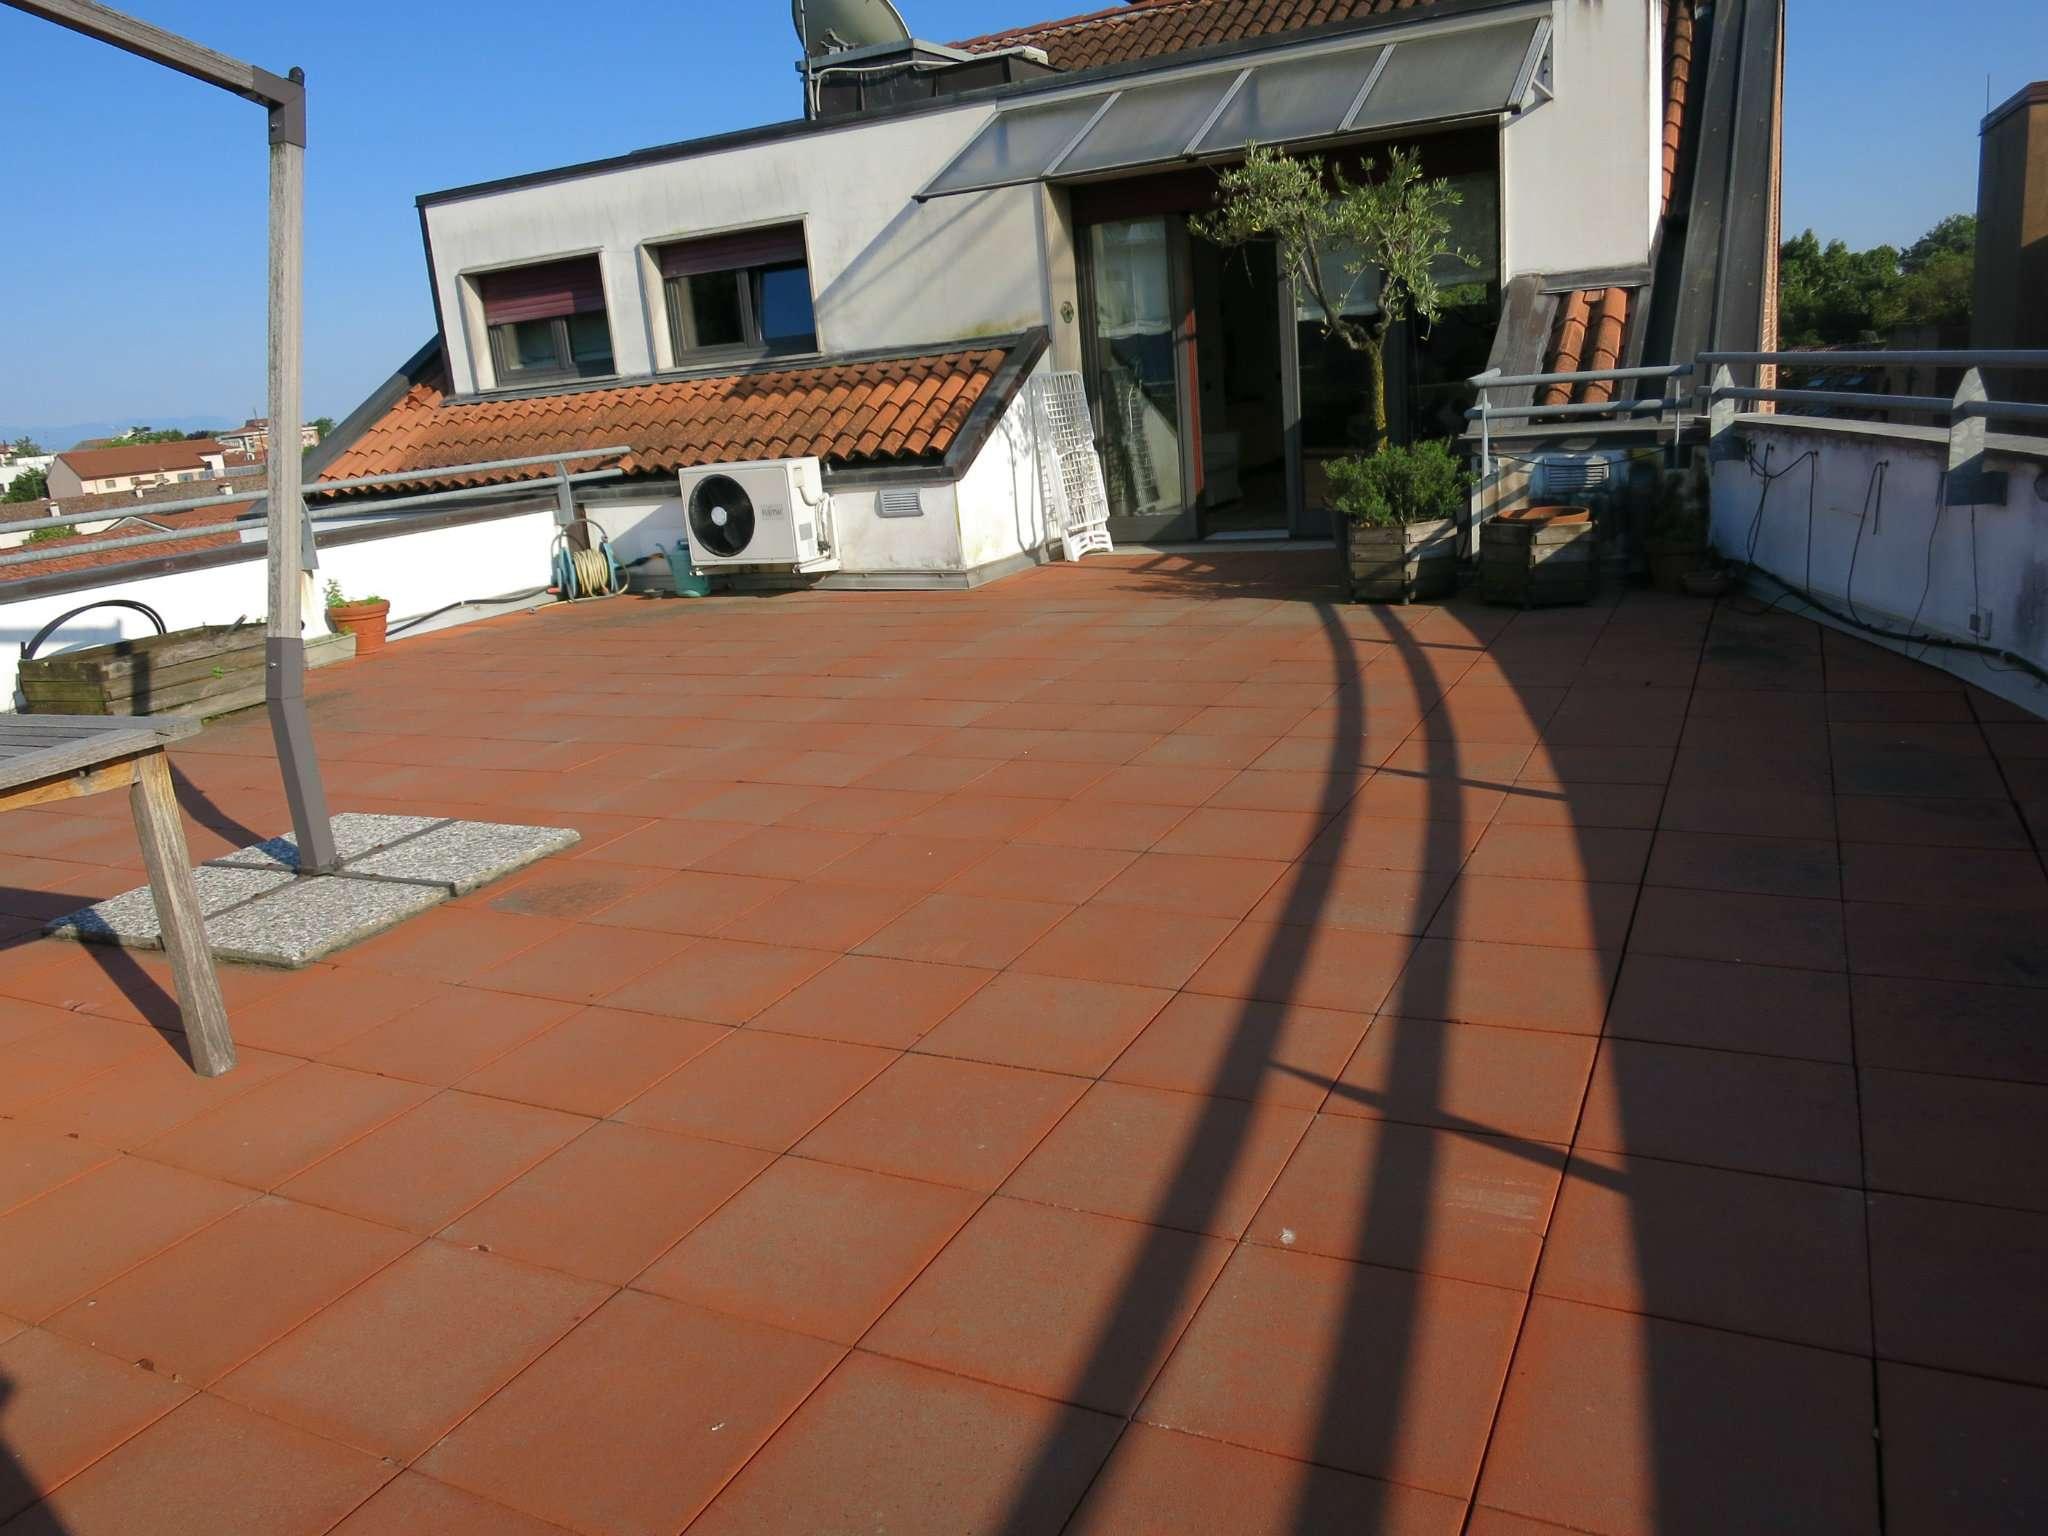 Attico / Mansarda in vendita a Udine, 10 locali, Trattative riservate | Cambio Casa.it